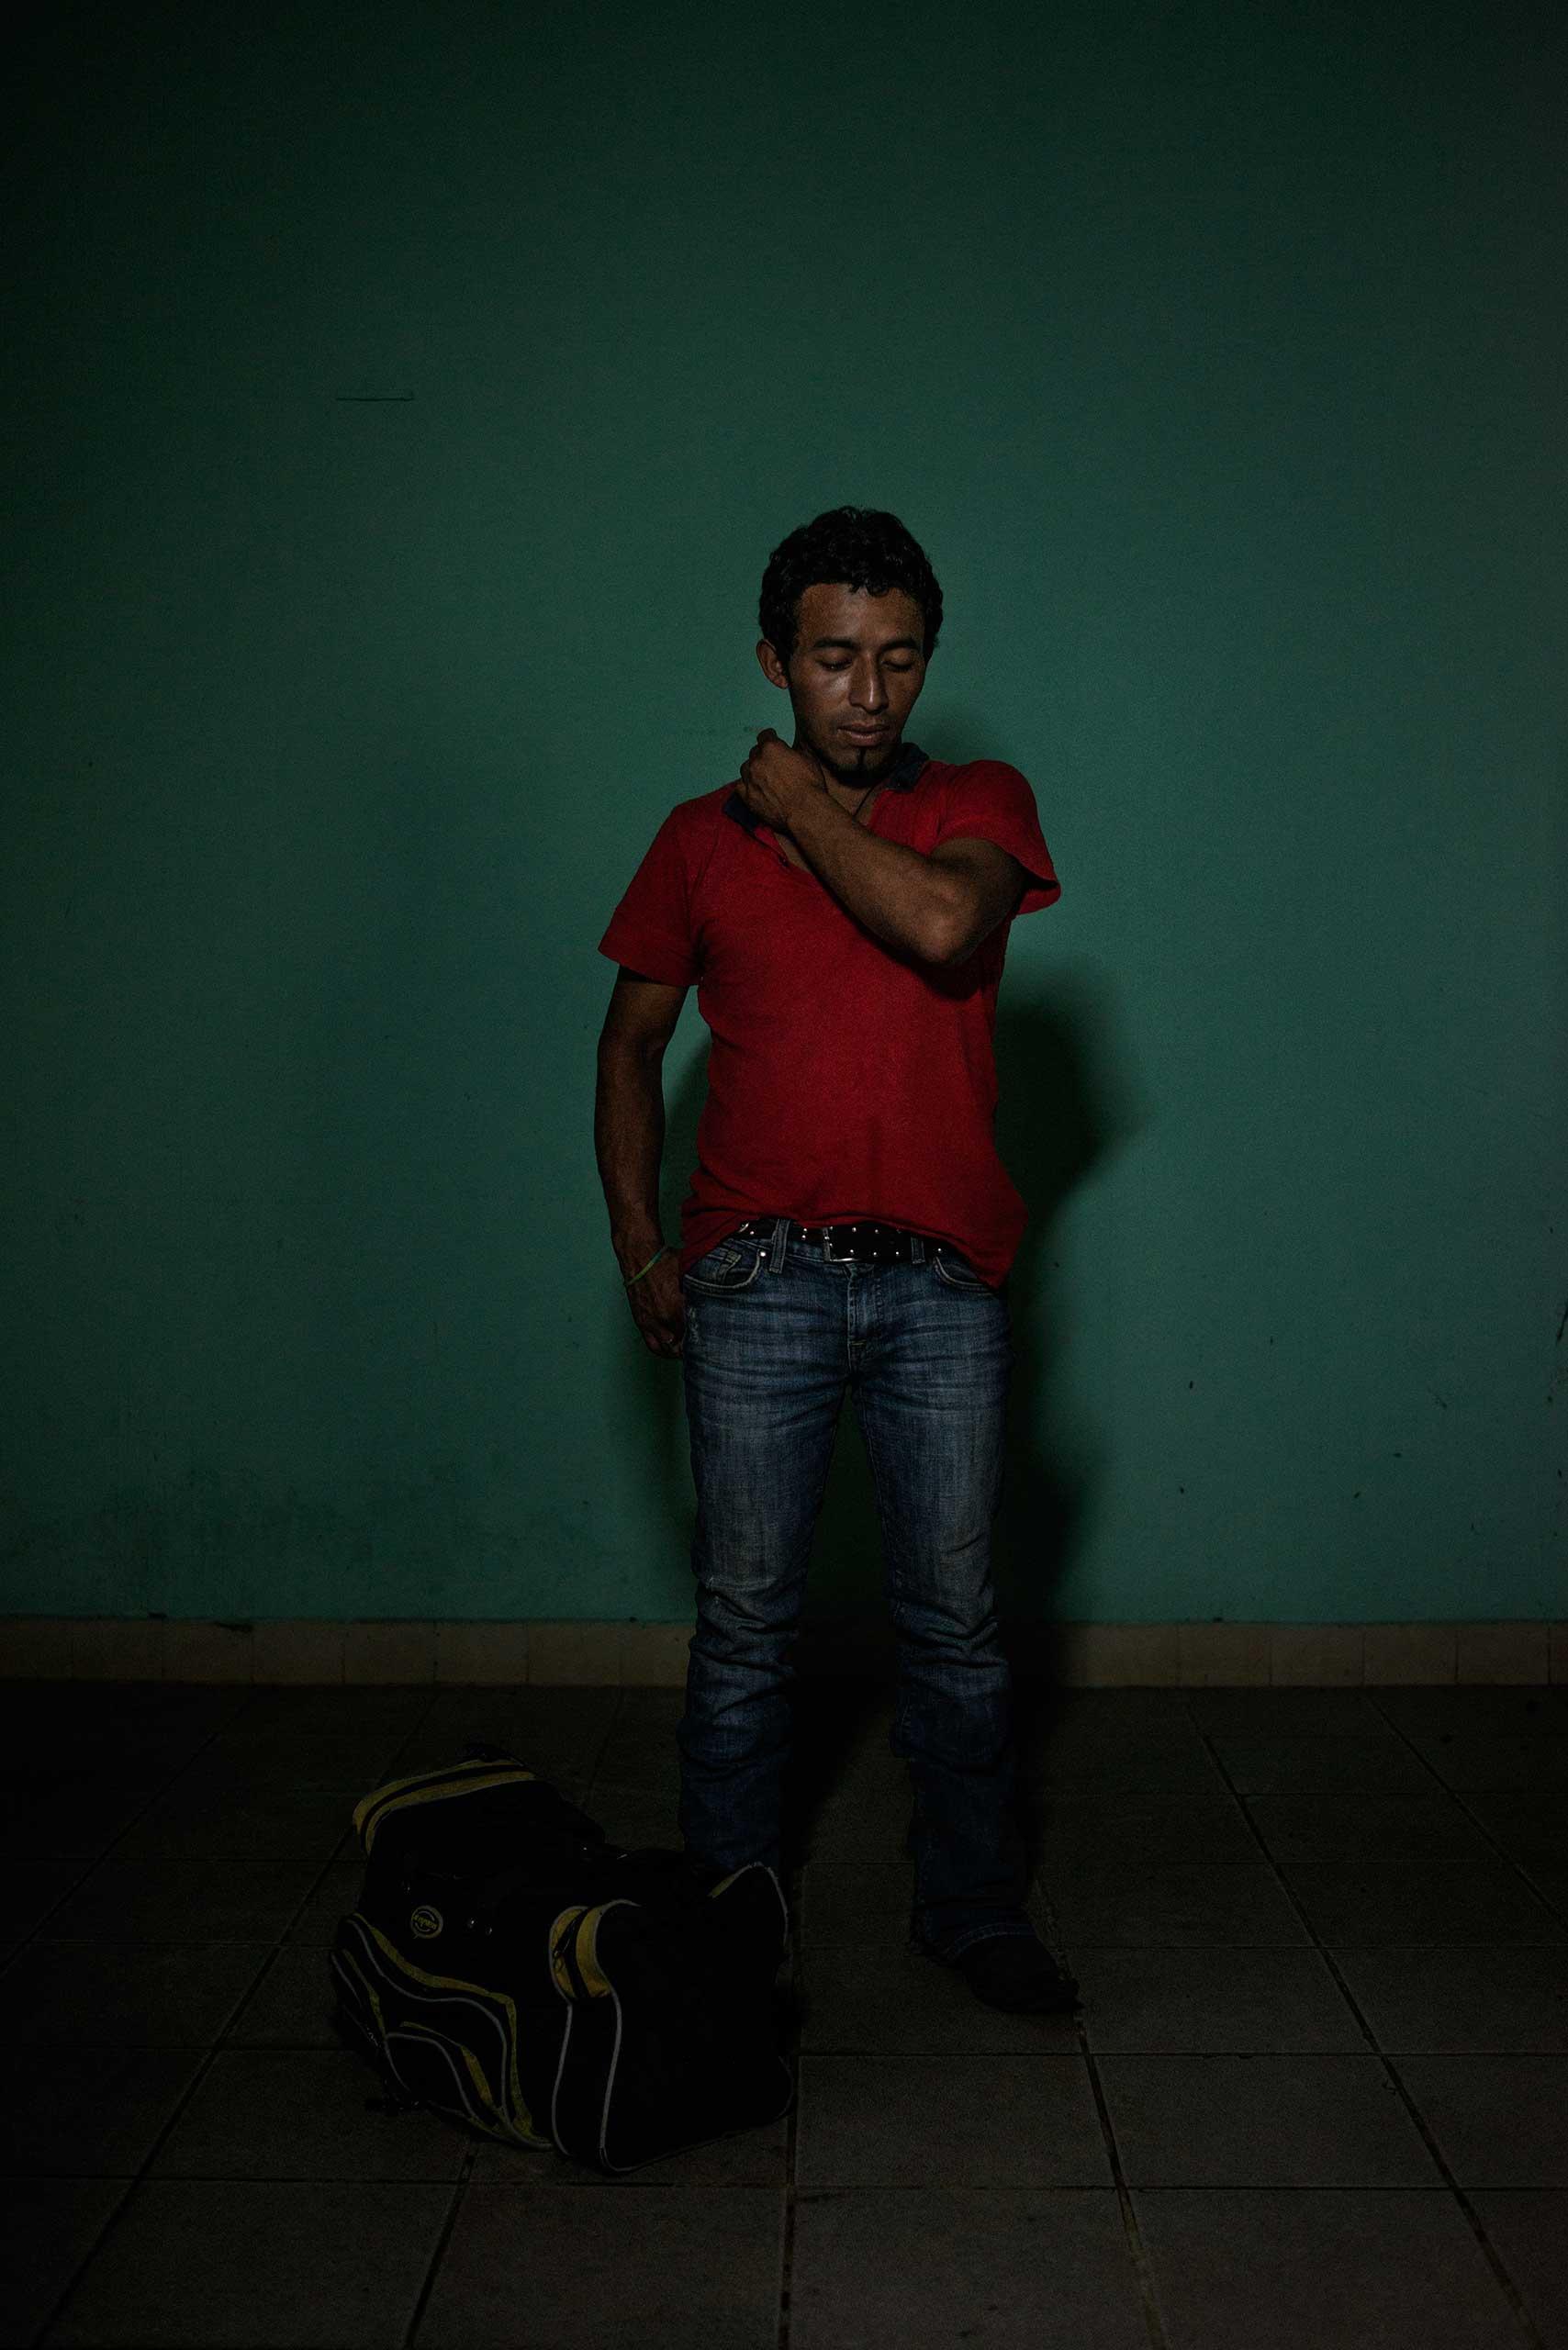 José Alfredo Bin, 27, from Guatemala.